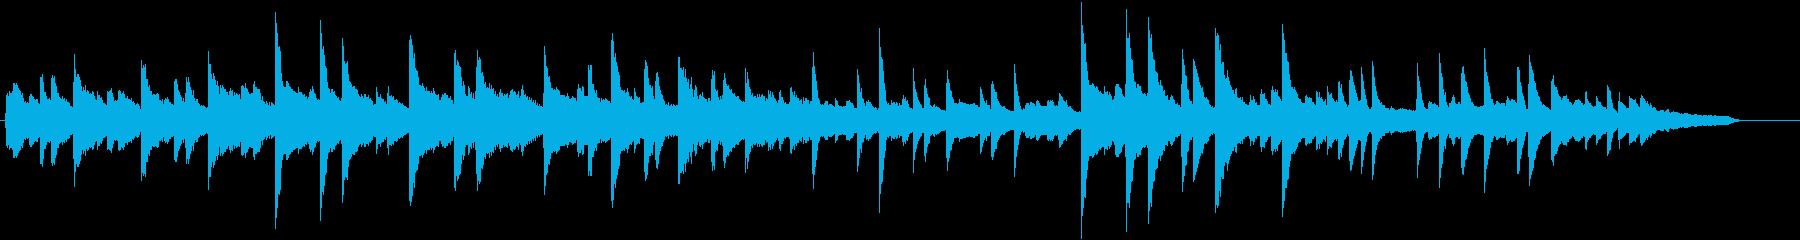 美しいコードのきよしこの夜ピアノBGMの再生済みの波形